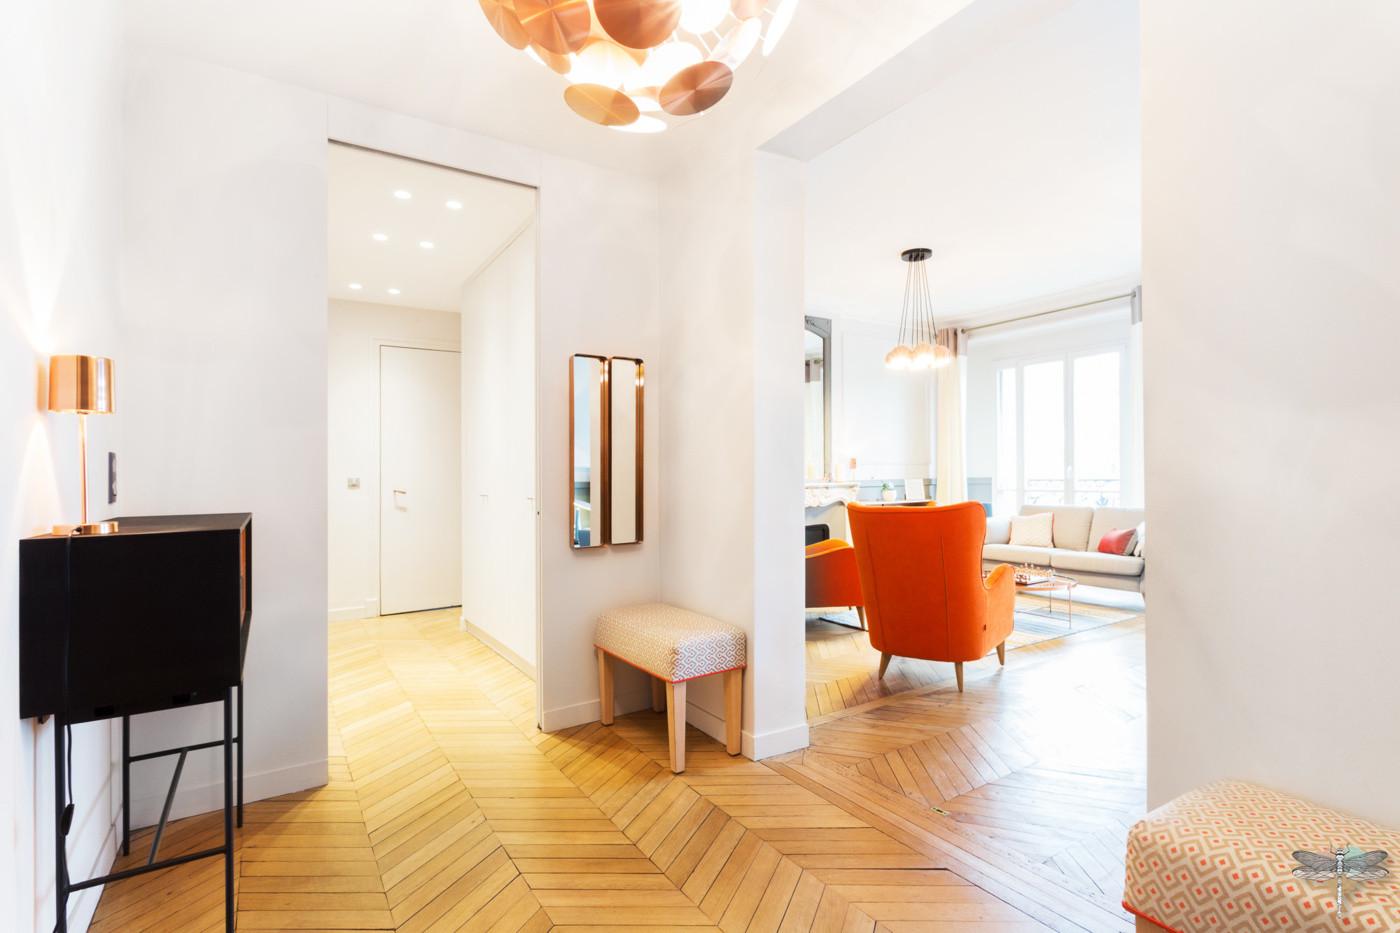 Décoration d'un double salon moderne dans un appartement Haussmannien à Paris 17 par Carnets Libellule. Coralie Vasseur est votre Décoratrice d'intérieur UFDI à Compiegne : grande entrée avec console et vue sur le salon et son fauteuil orange